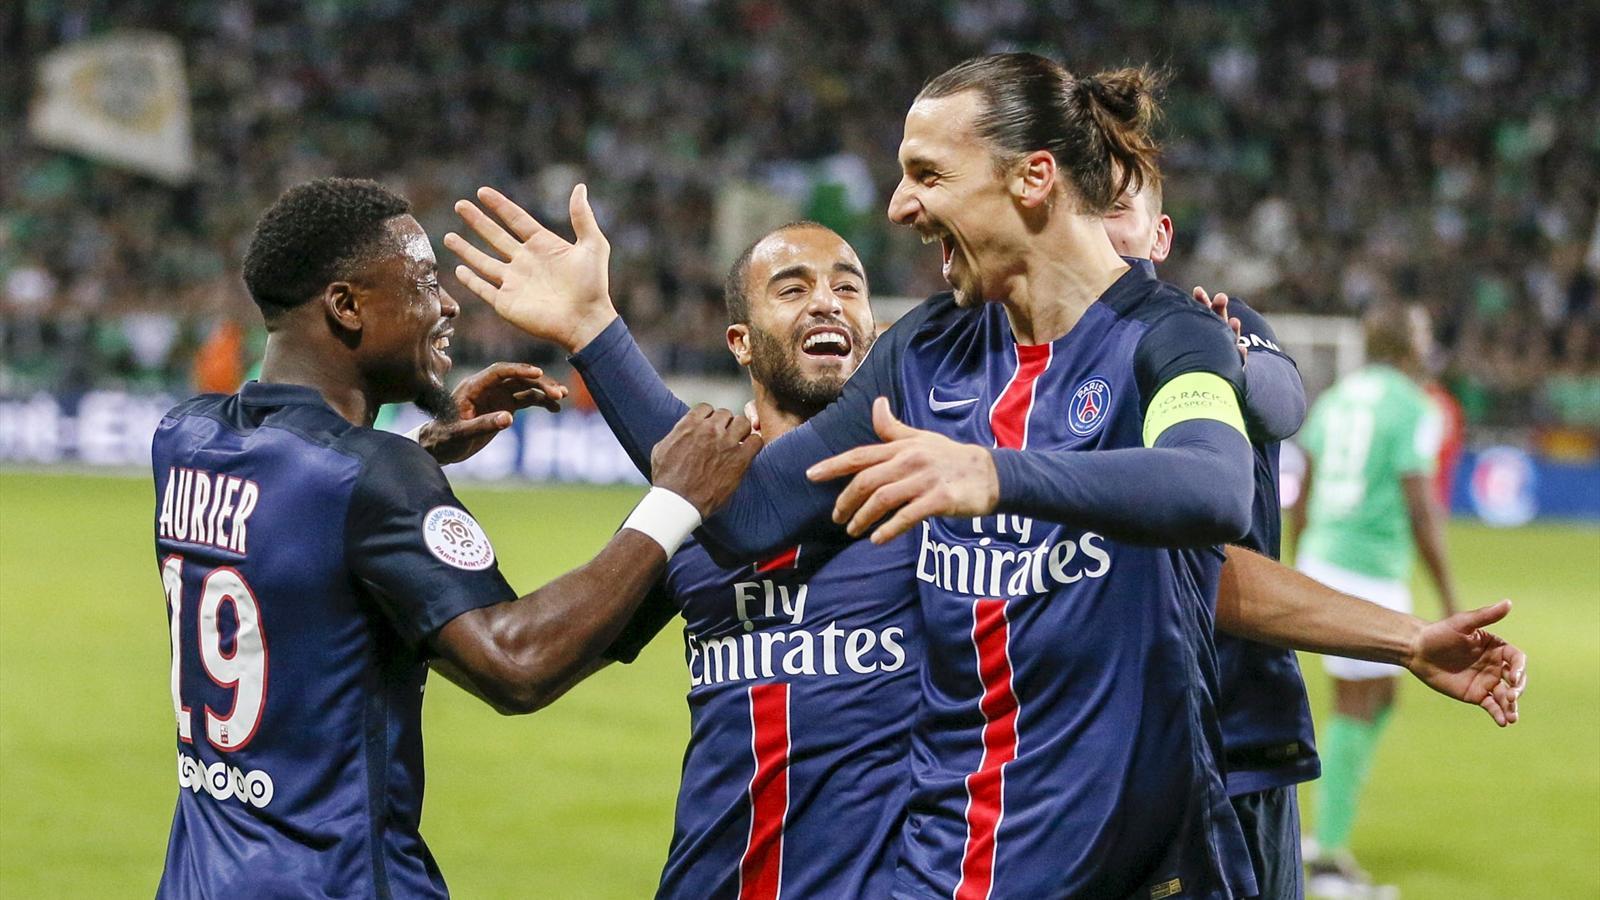 Zlatan Ibrahimovic celebrates a PSG goal with teammates